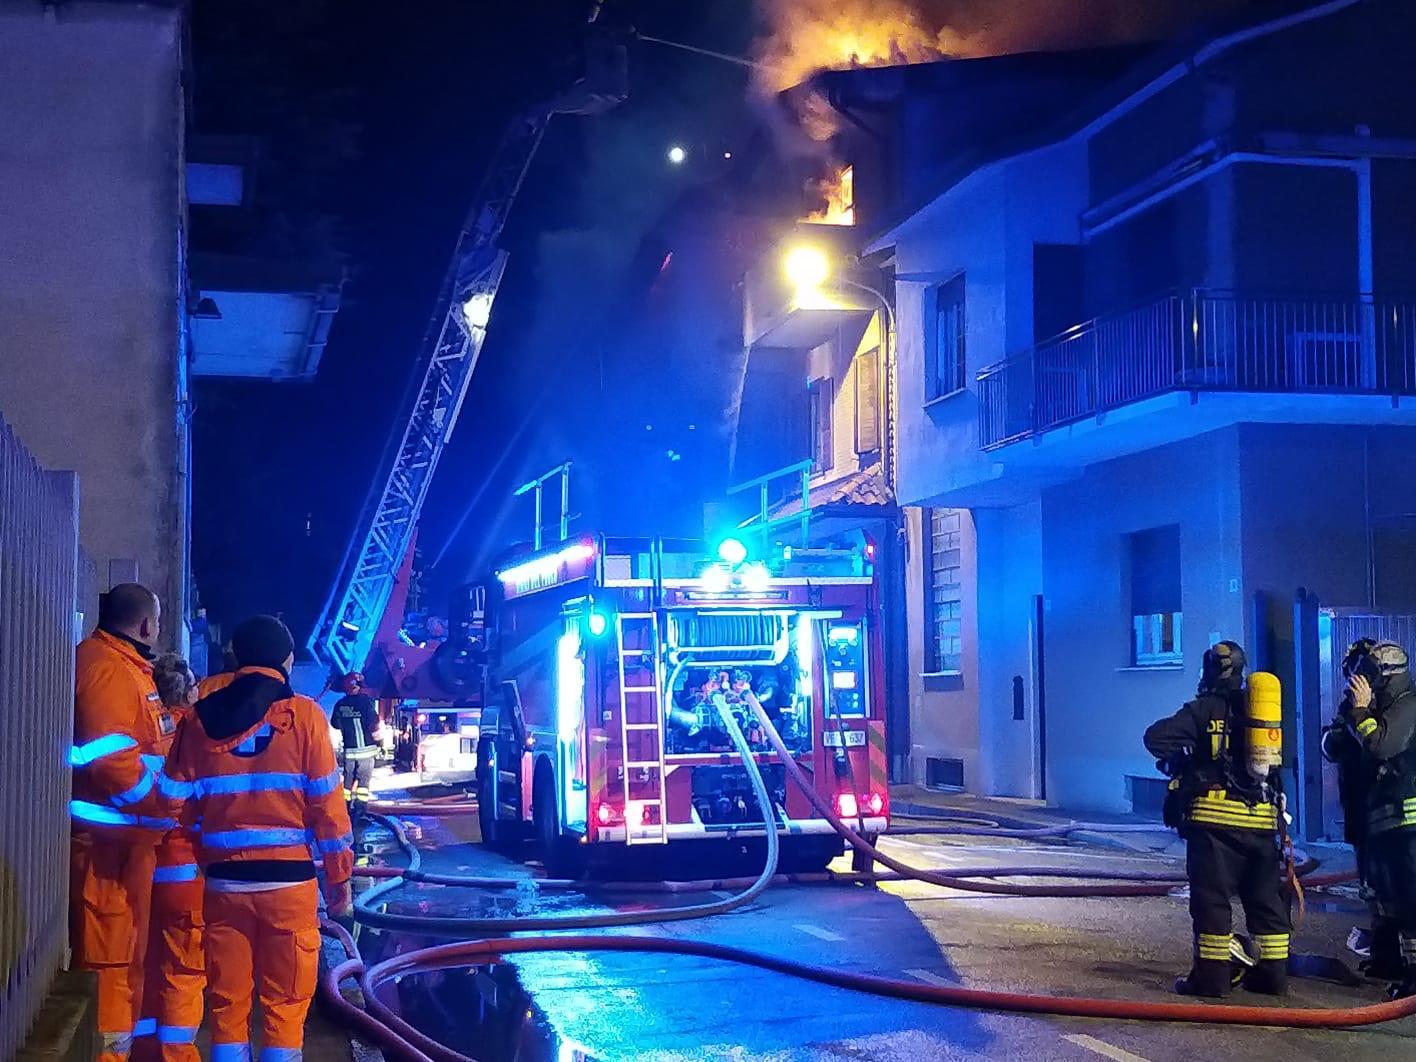 Incendio a Varedo | Fiamme domate e provinciale aperto al traffico